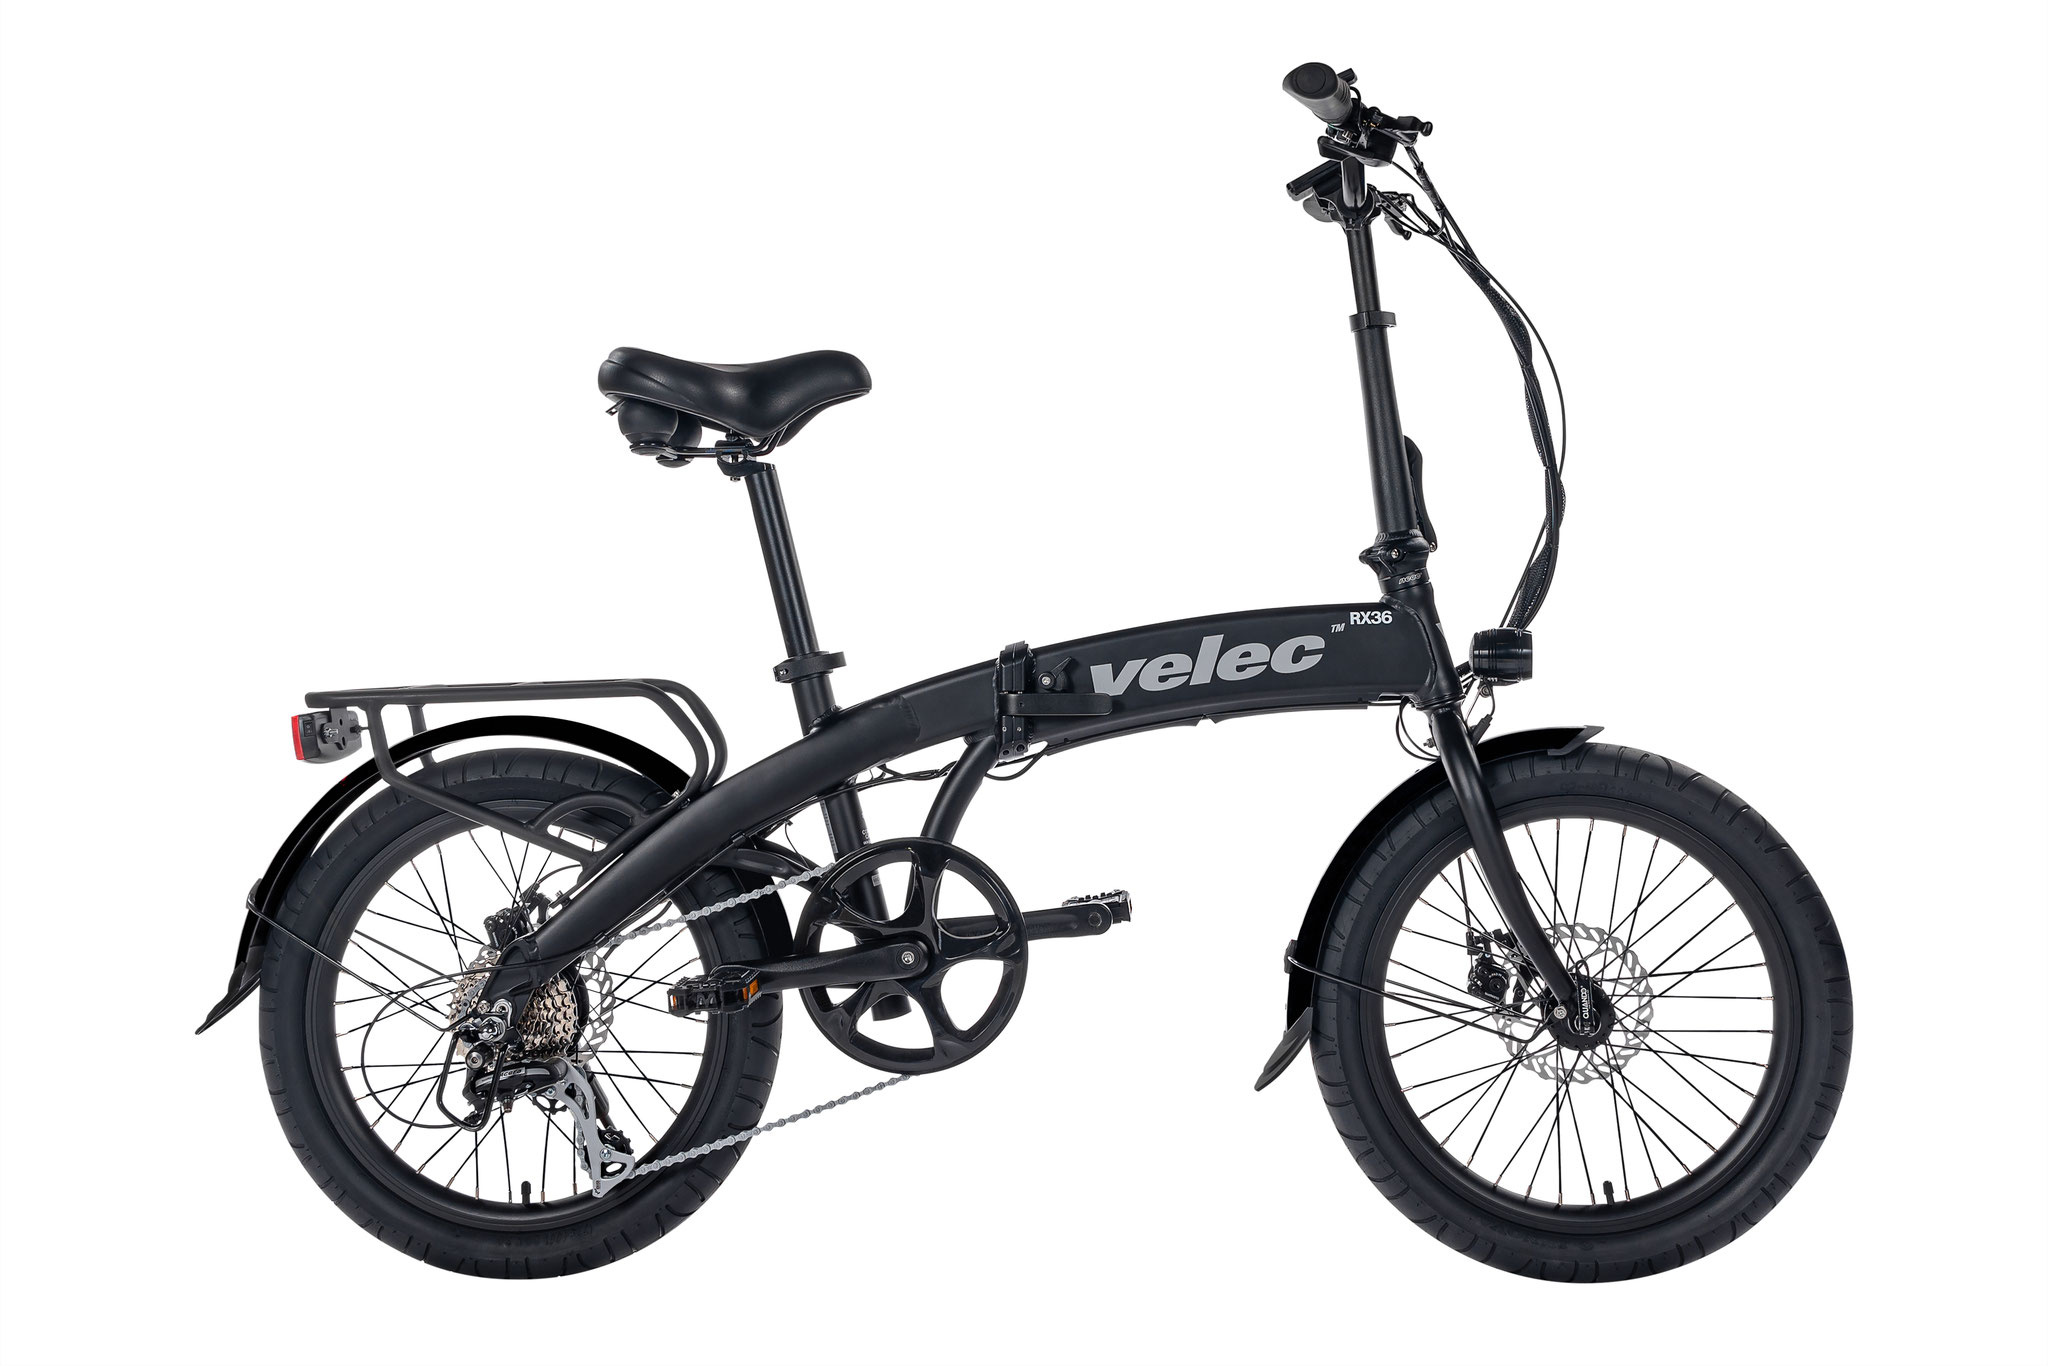 Velec RX36